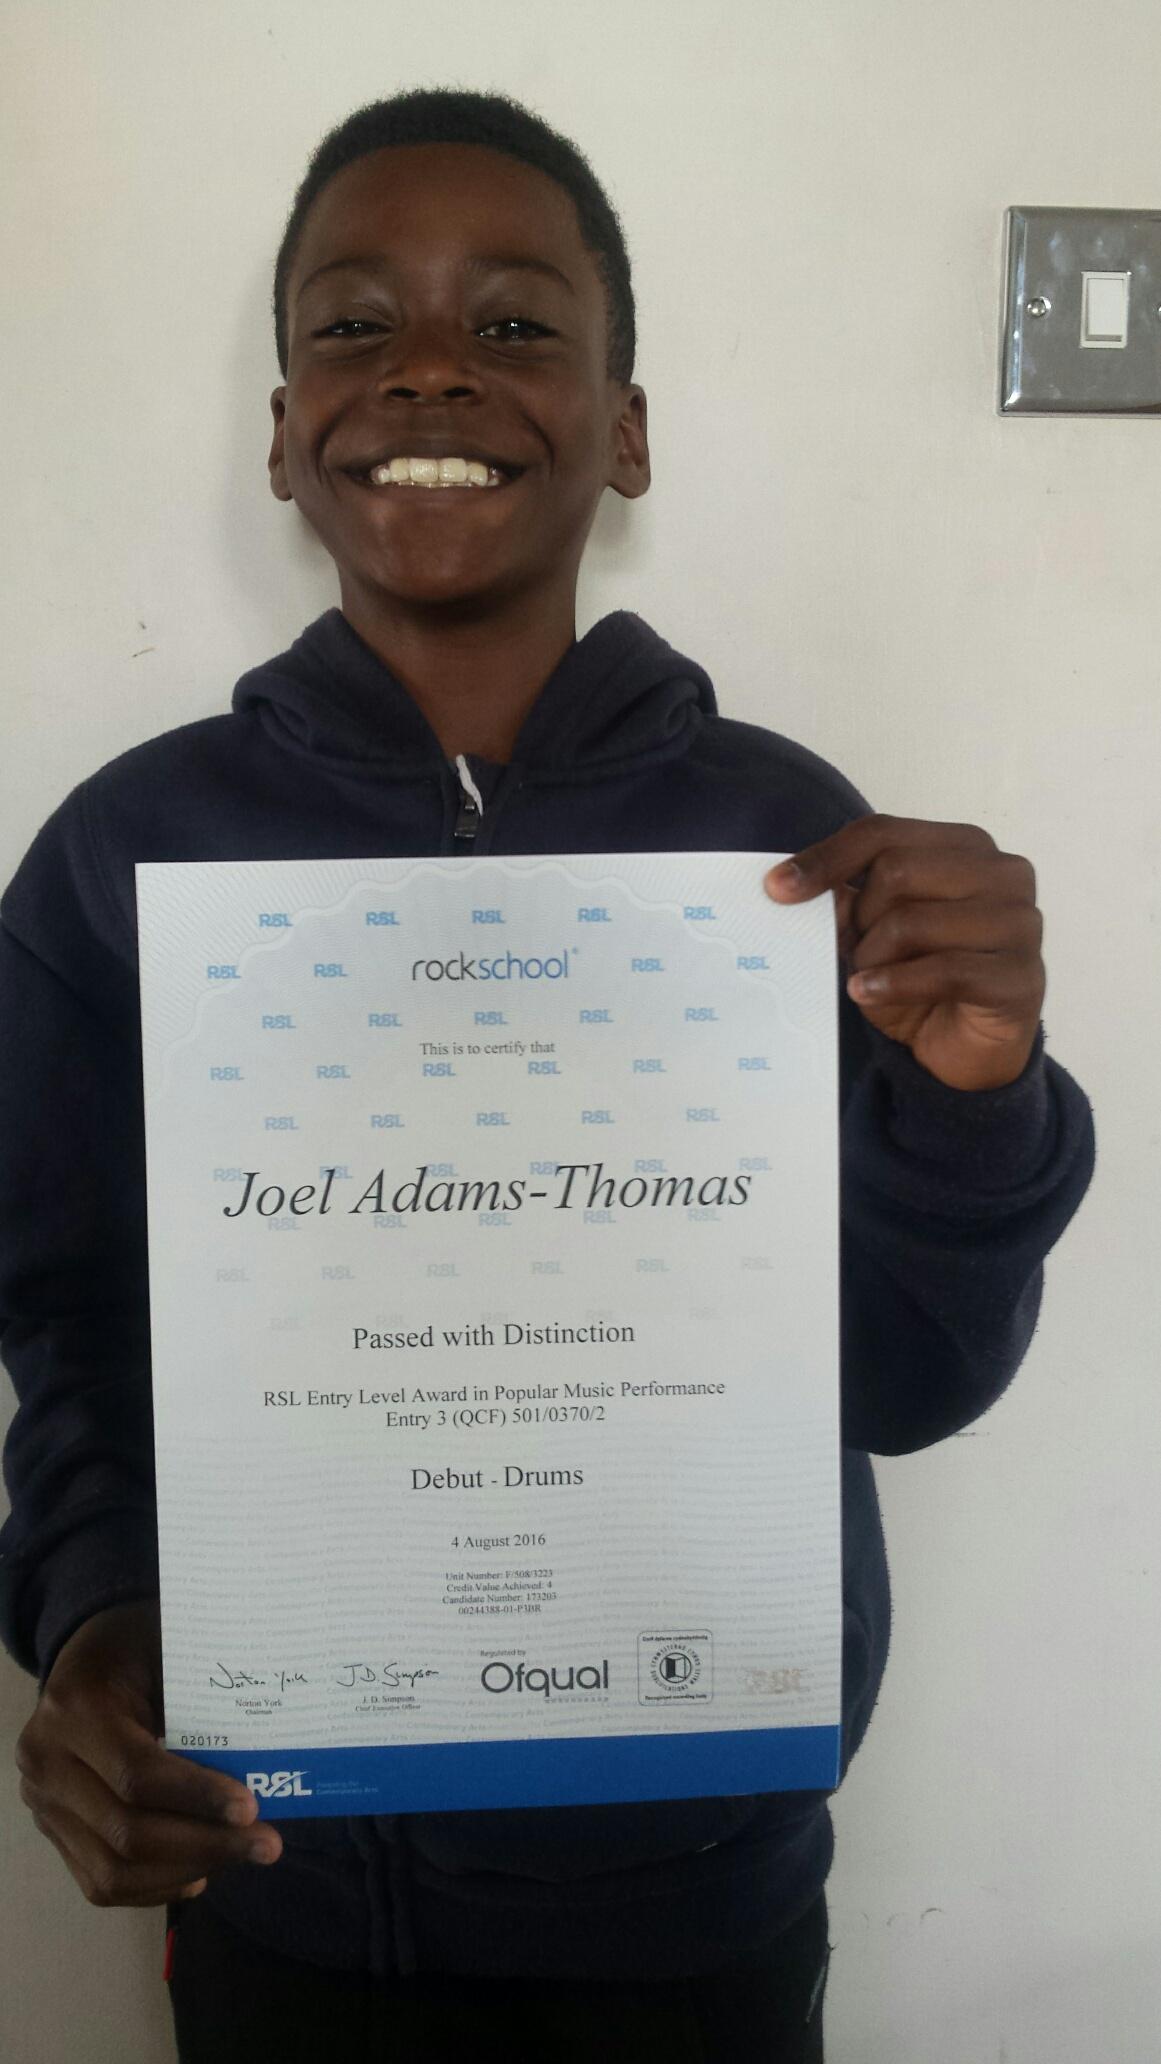 Joel Adams- Thomas